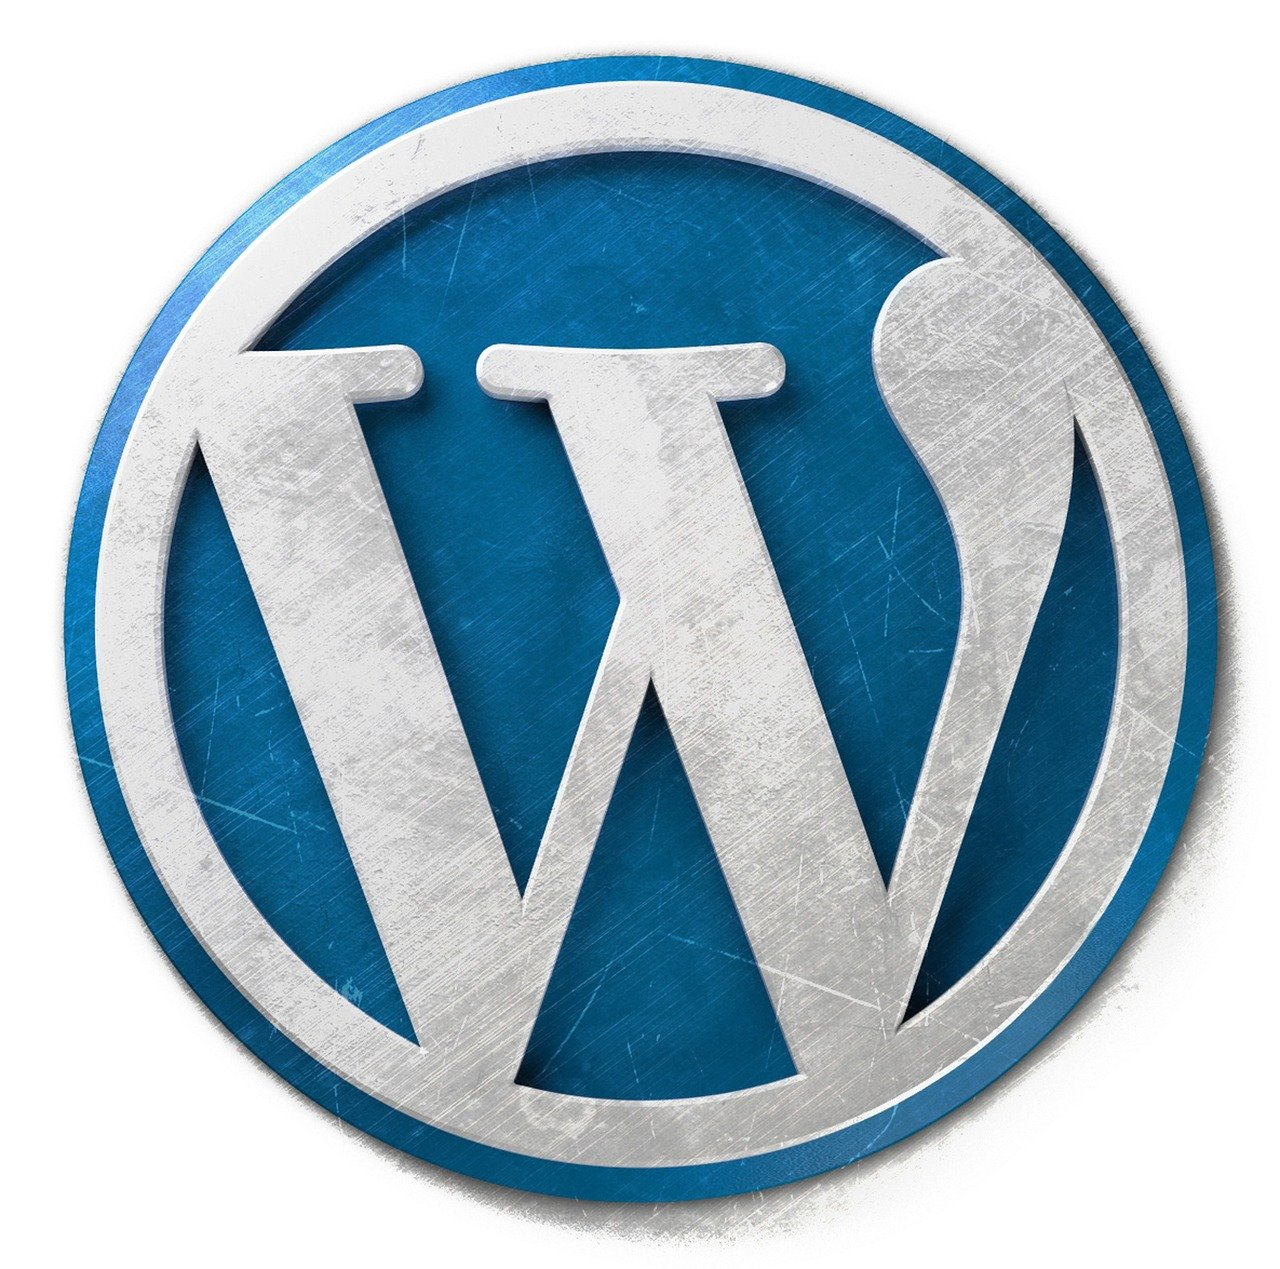 Création d'un site Internet Seyssinet-Pariset avec WordPress